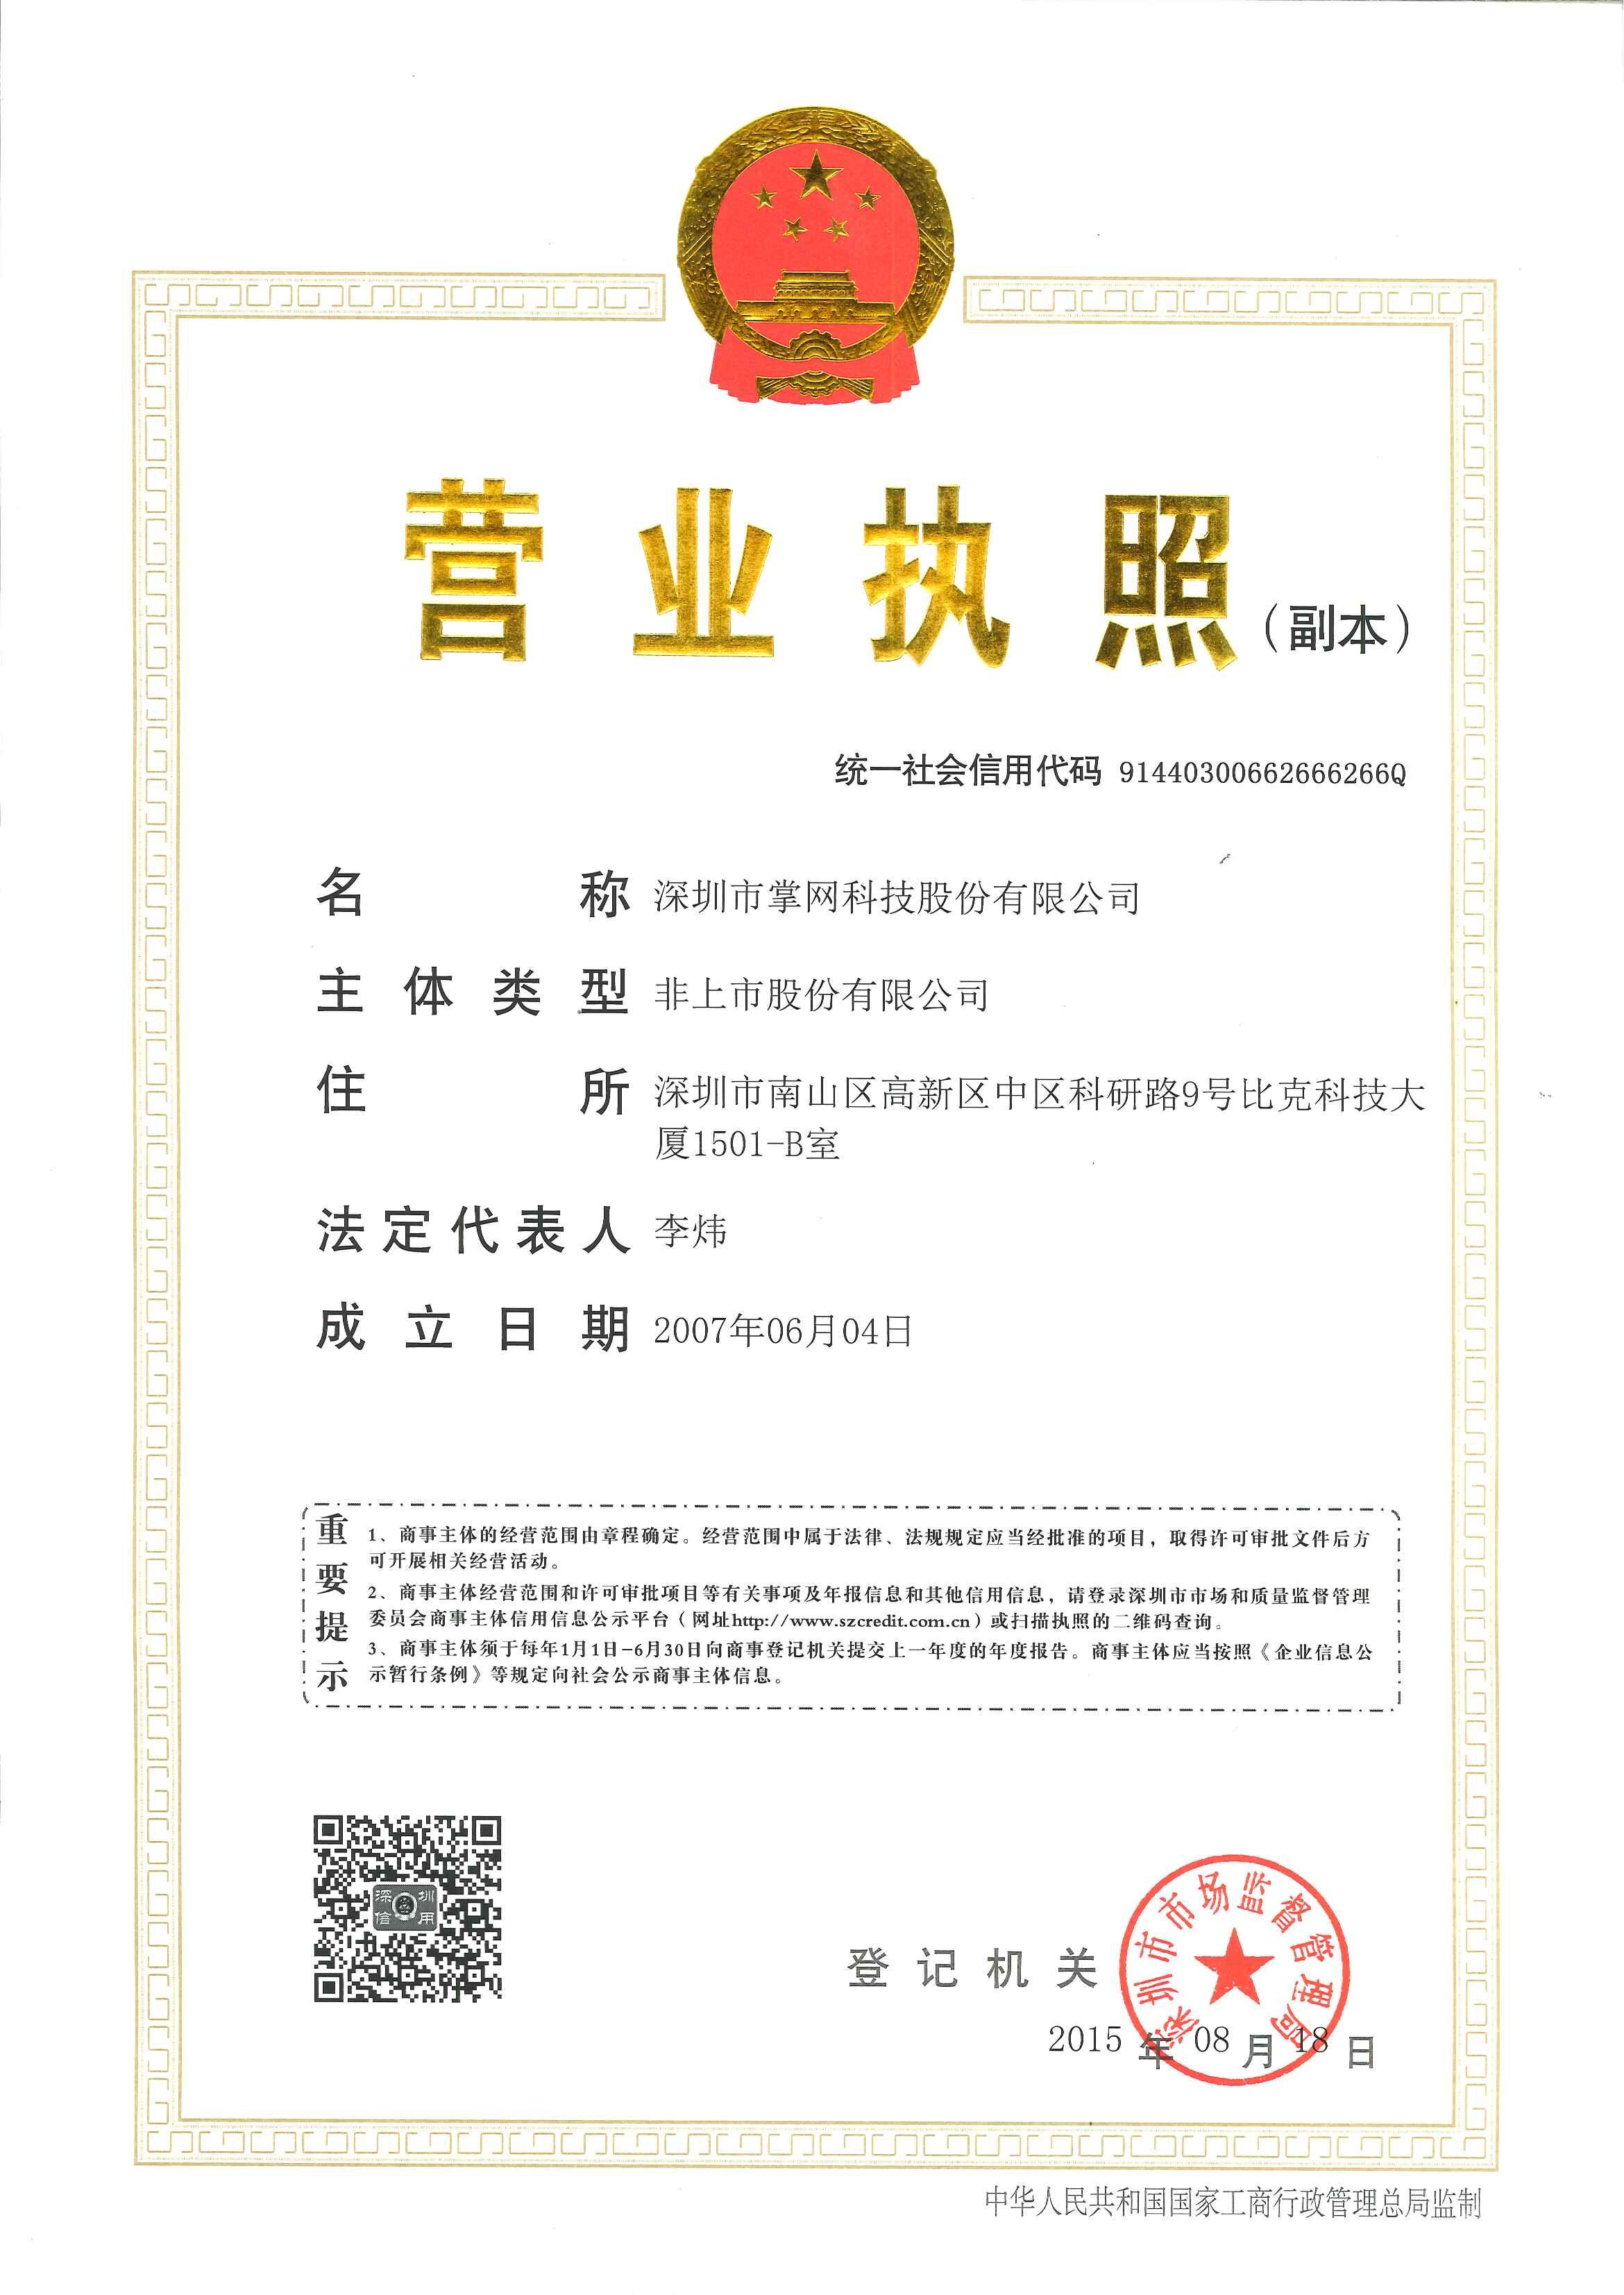 深圳市掌网科技股份有限公司logo